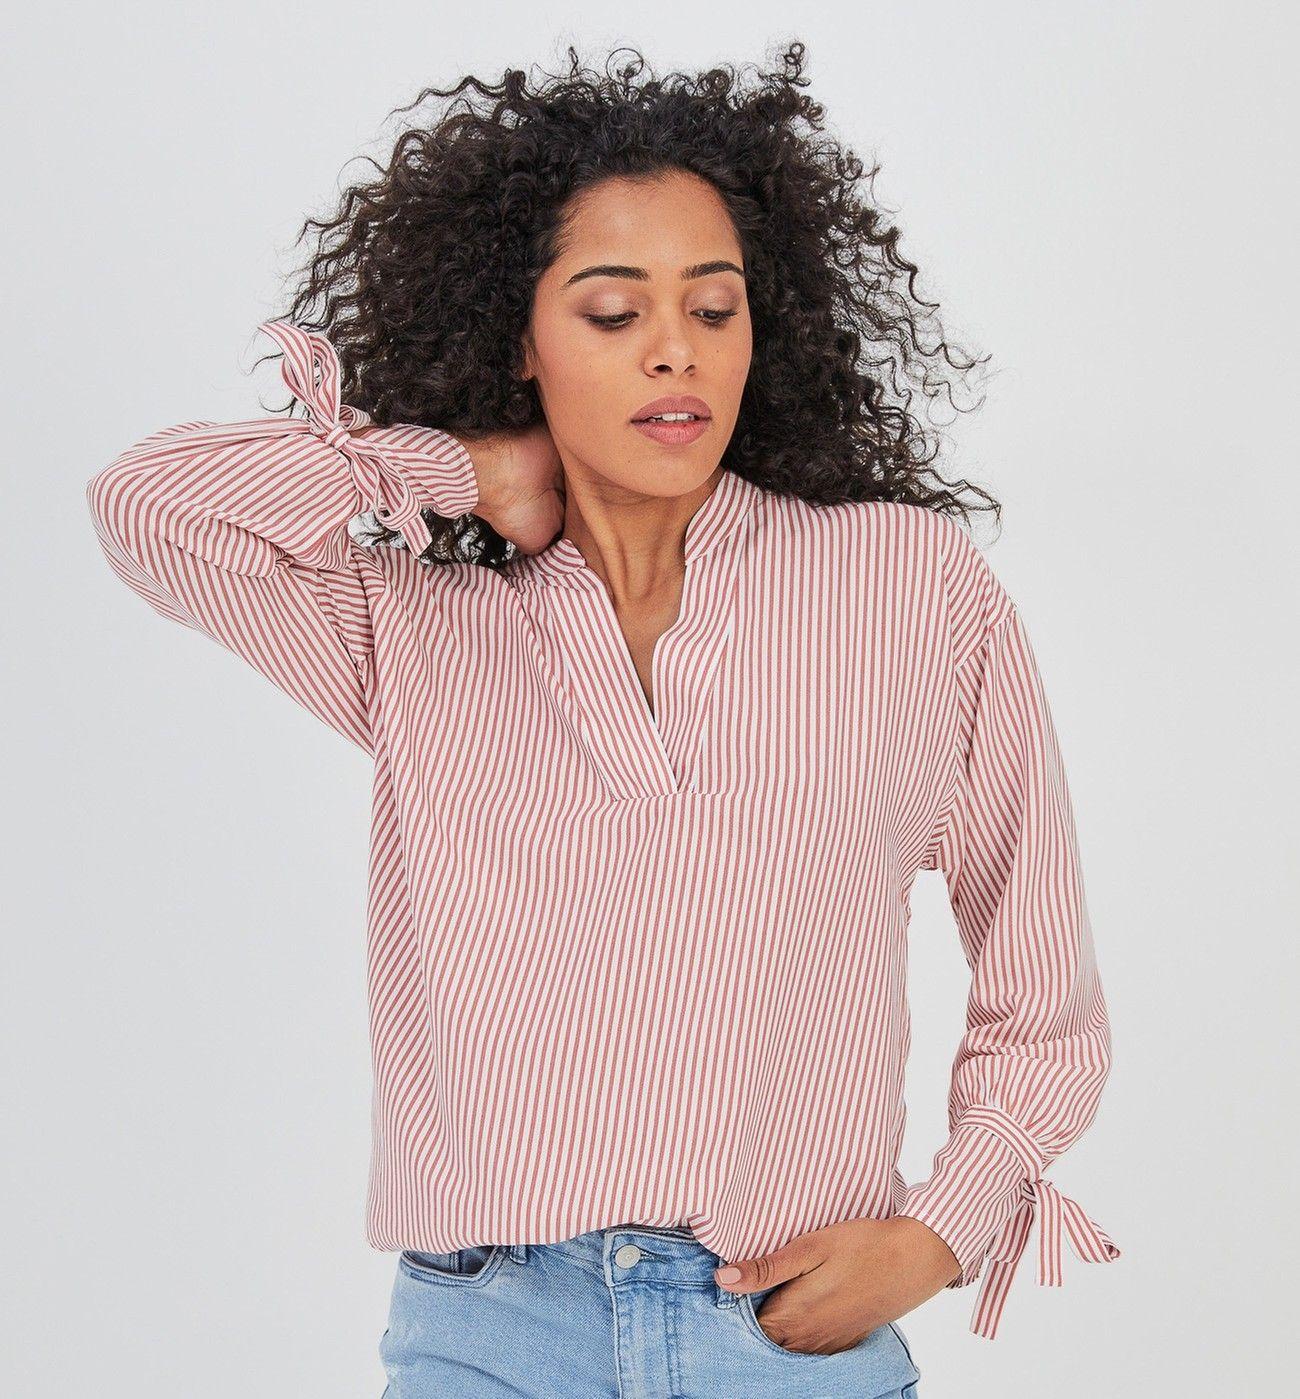 Bluse Mit Streifenmuster Altrosa Gestreift Damen Blusen Promod Fashion Women Clothes